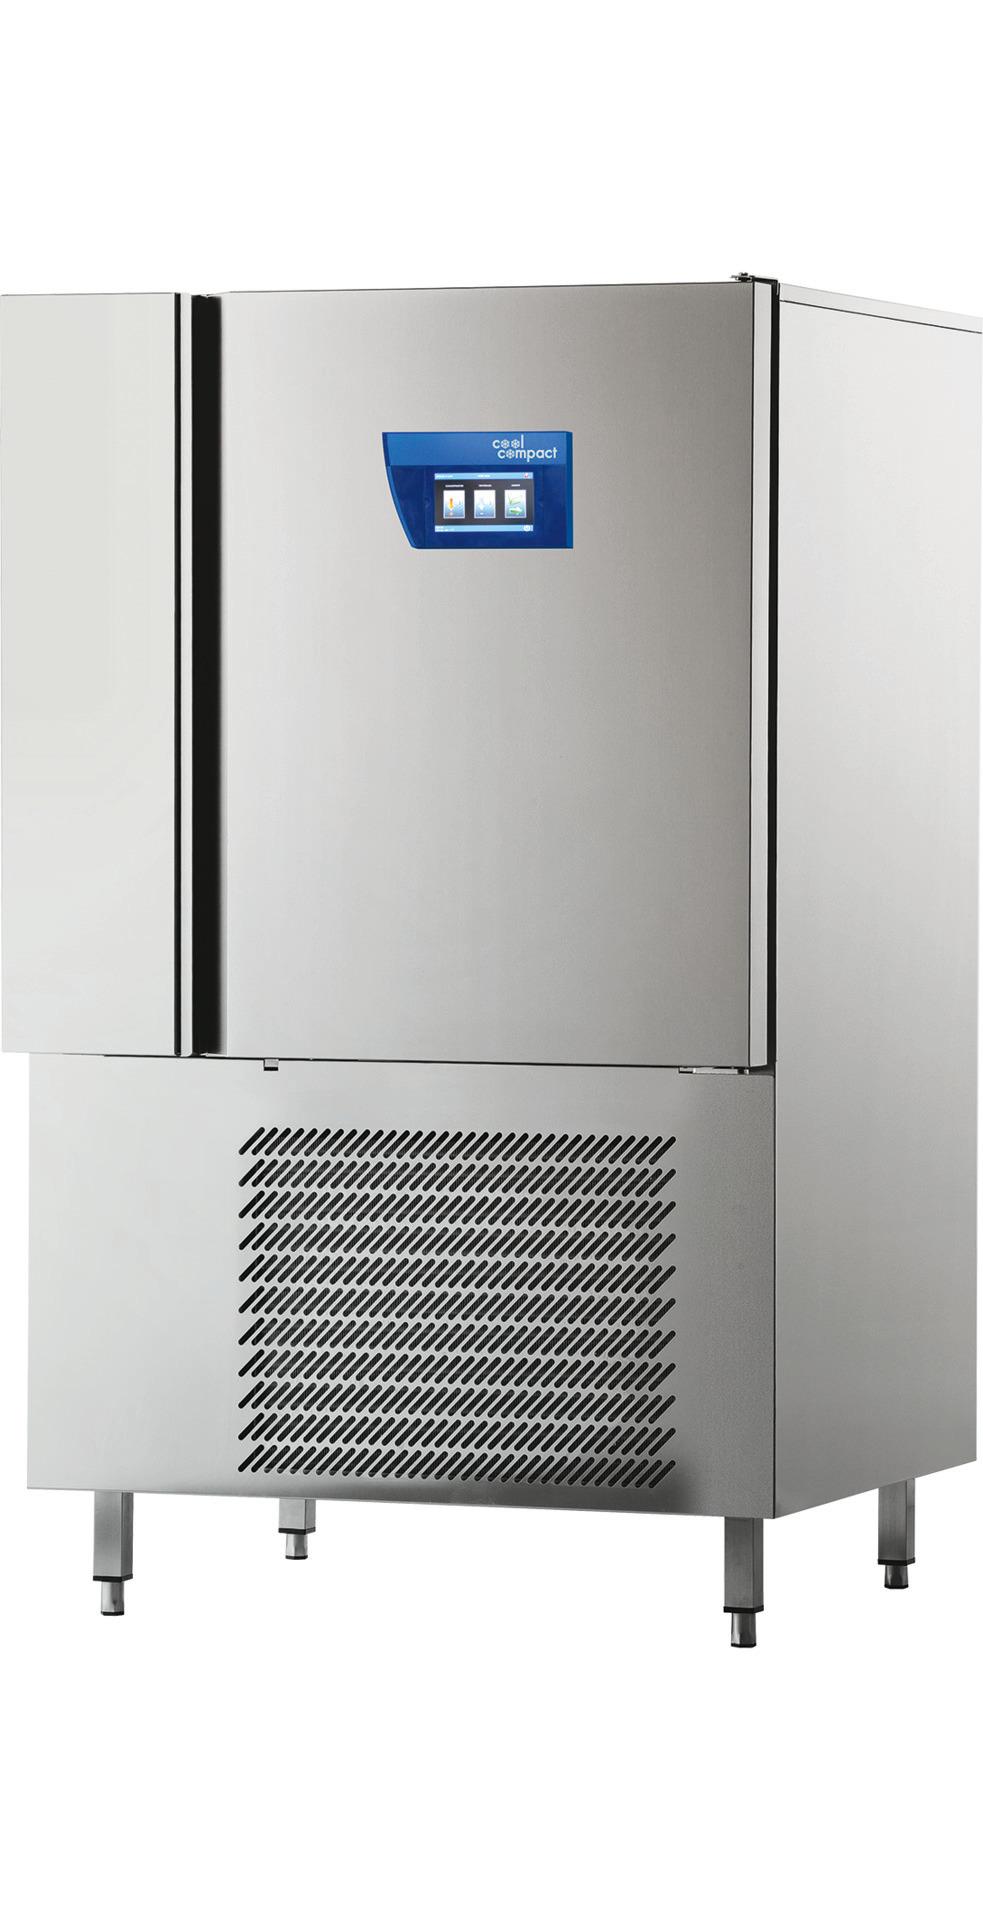 Schnellkühler / Schockfroster 10x GN 2/1 Längseinschub / zentralgekühlt